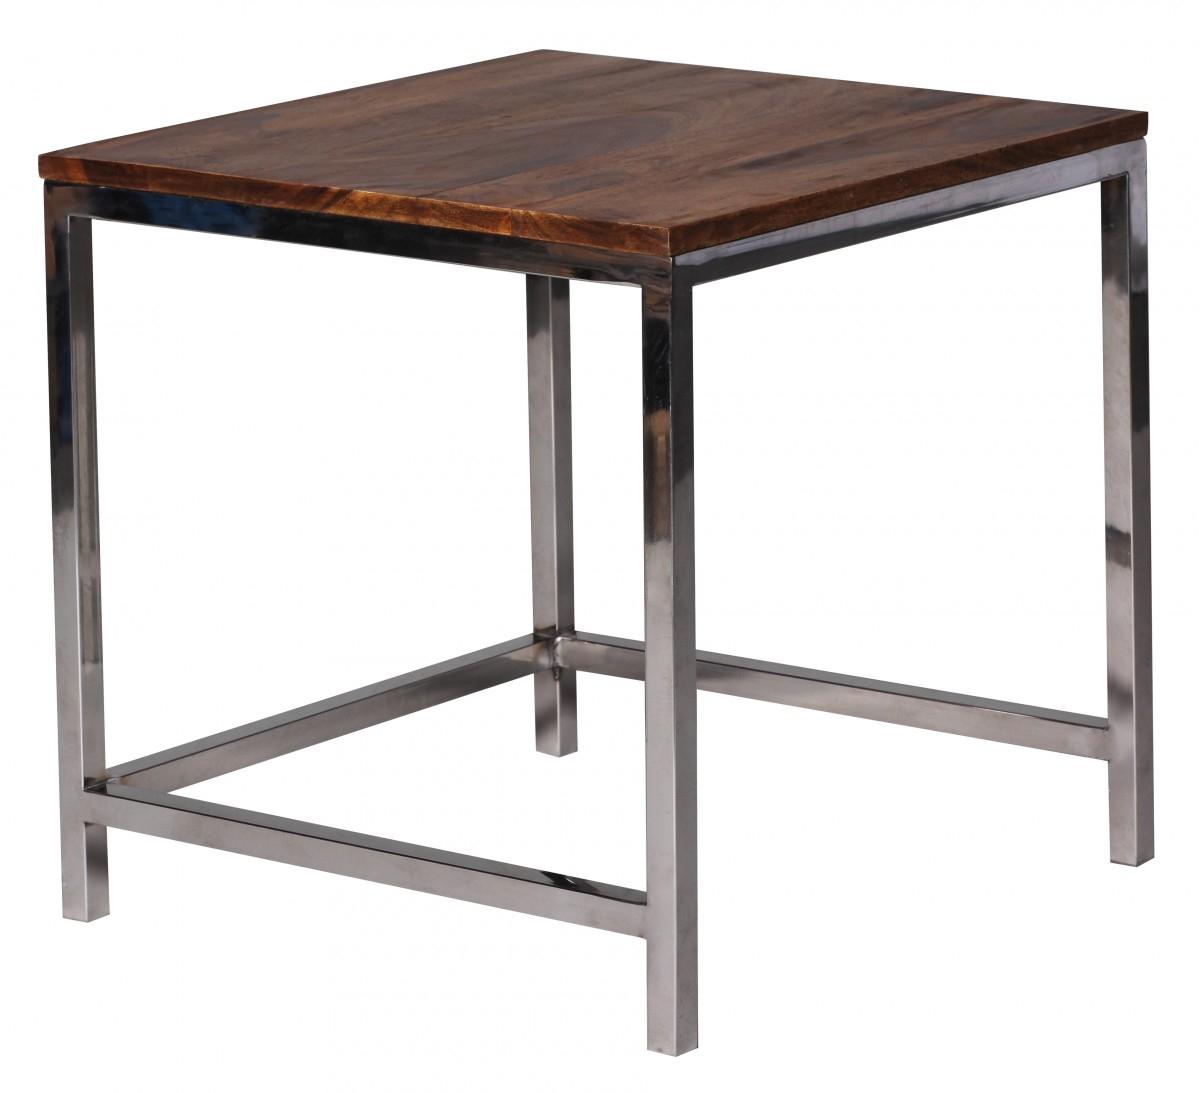 WOHNLING Satztisch Massiv Holz 45x45 & 35x35 cm Couchtisch